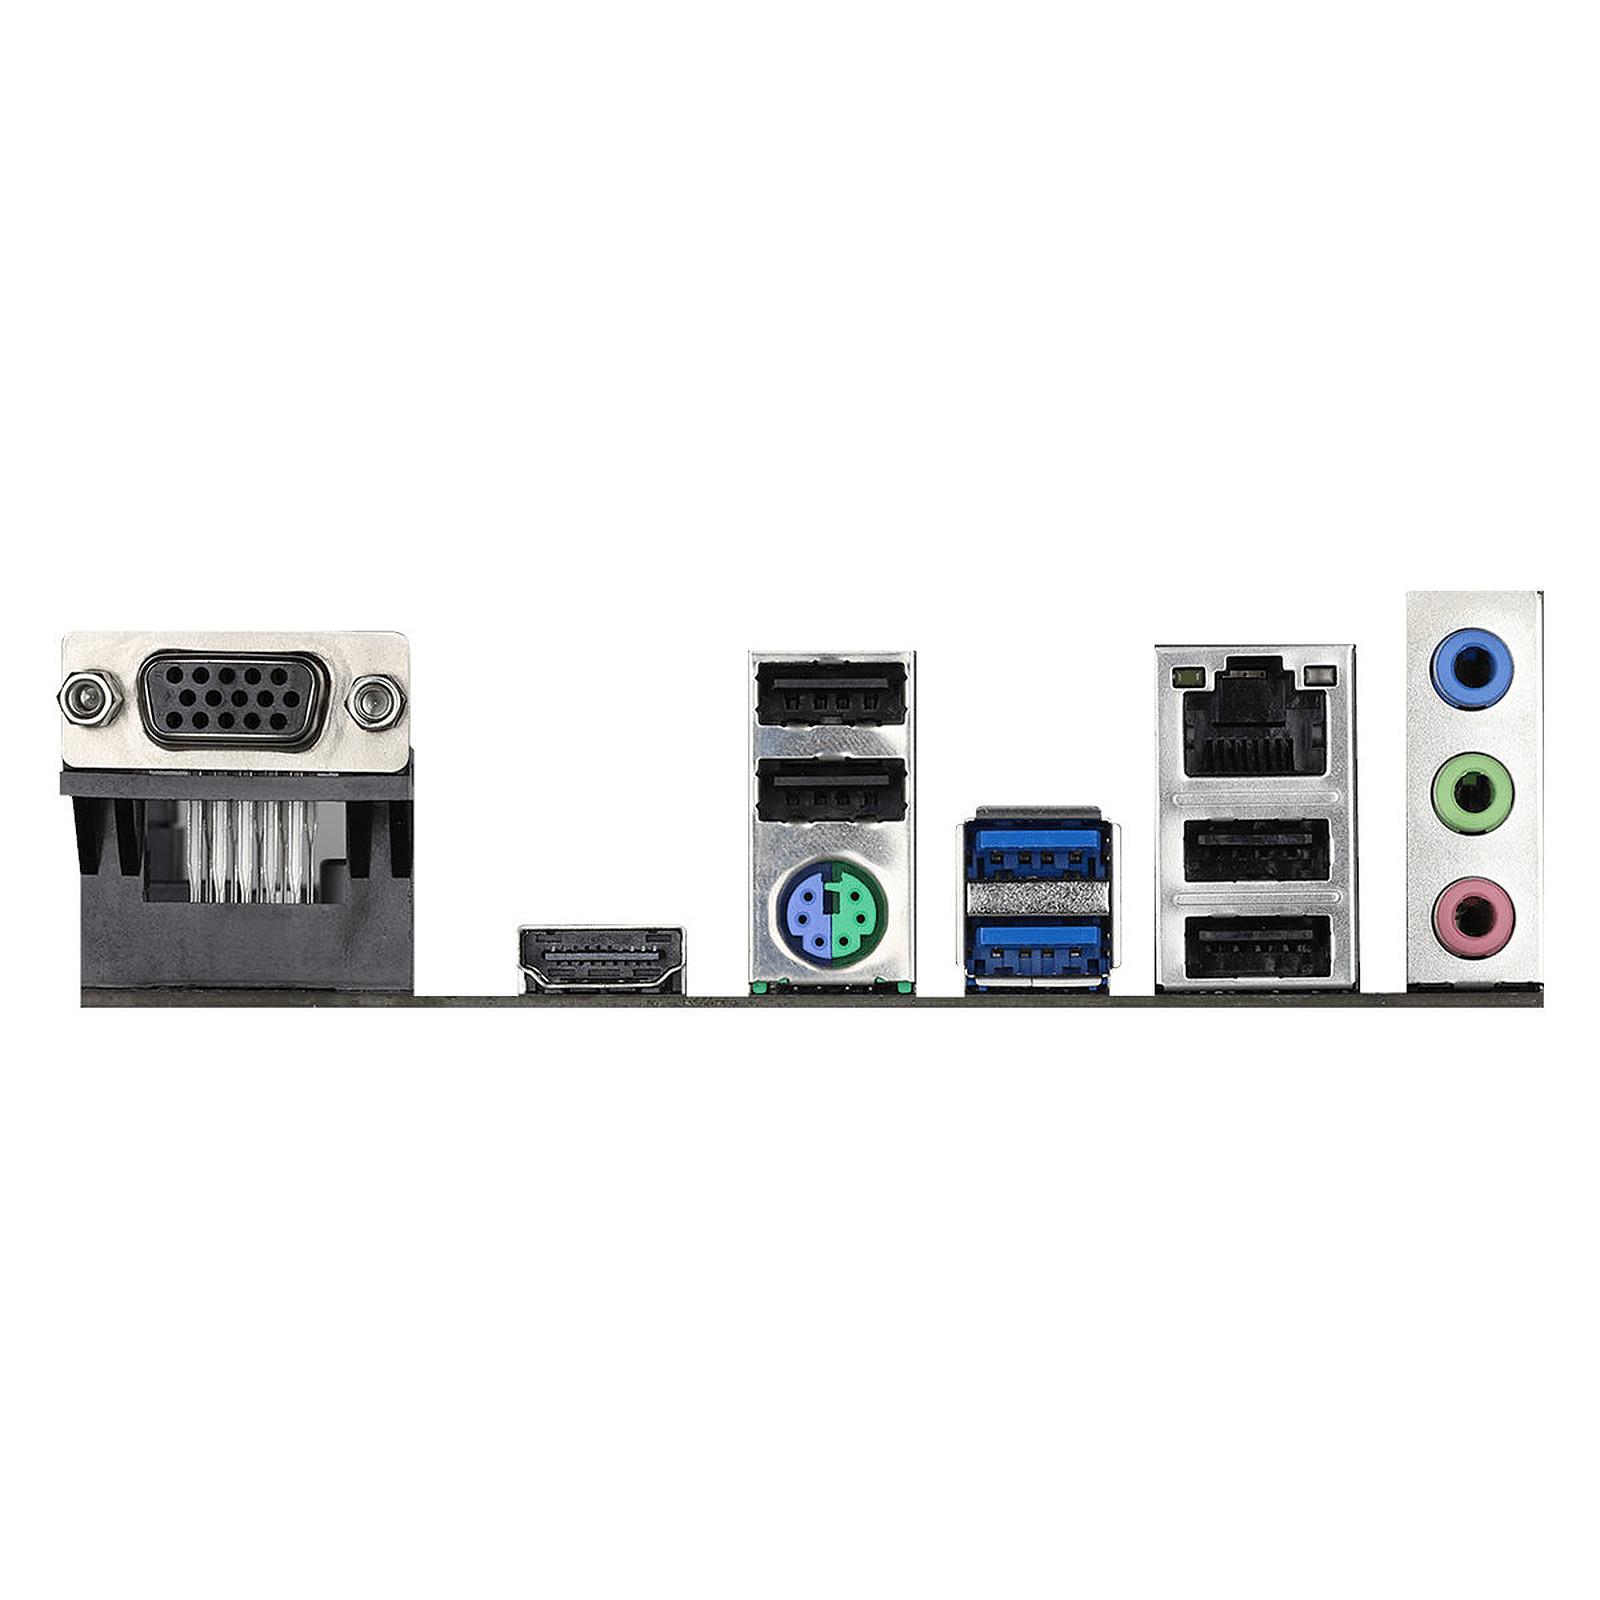 Carte mère ASRock H410M-HVS Socket 1200 (Intel H410 Express) mATX, informatique ile de la Réunion 974